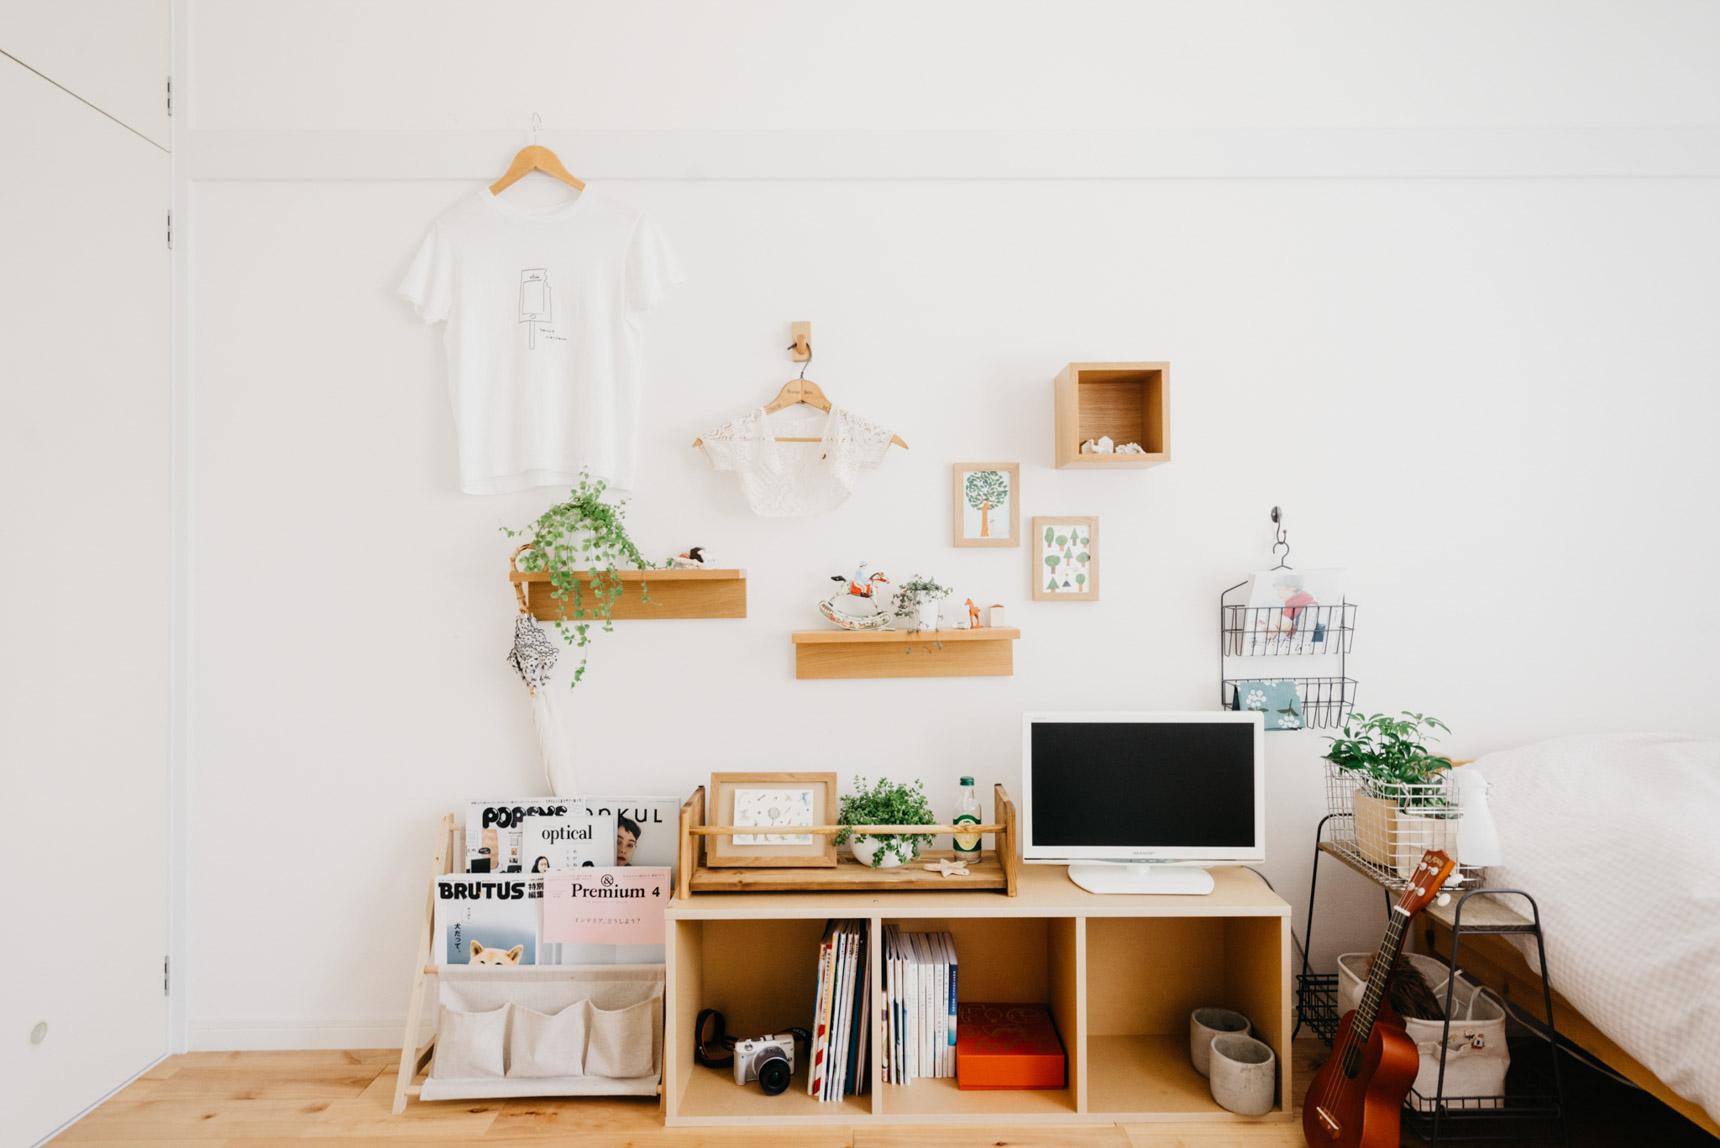 無印良品の「壁に付けられる家具」も活用している方、多いです。ボックスや棚、長押、ミラーなどがあります。